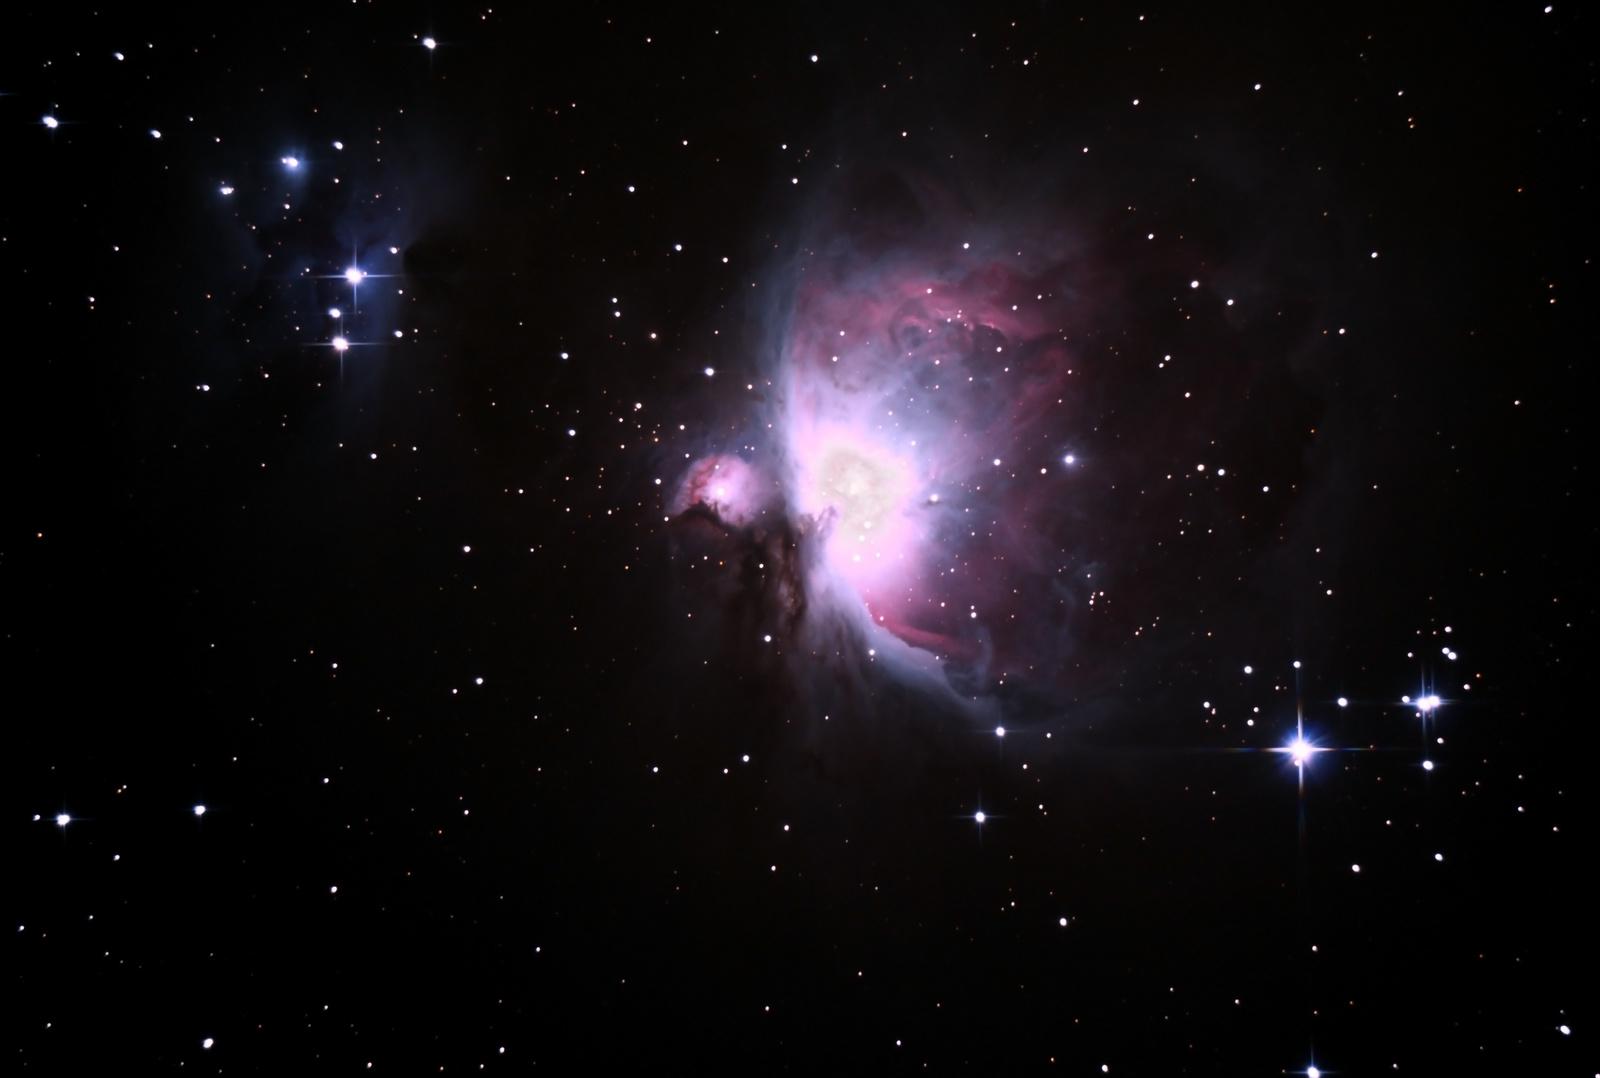 M42_Orion_8_02_2019.jpg